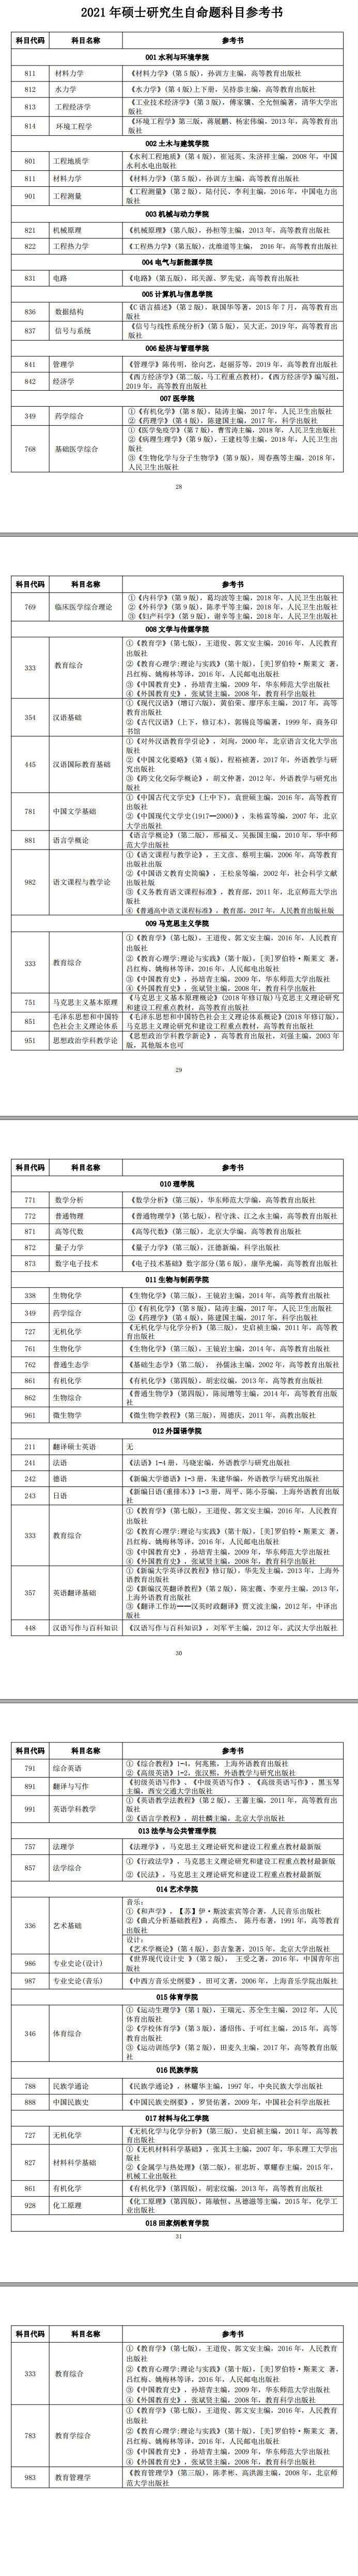 三峡大学2021考研自命题科目参考书